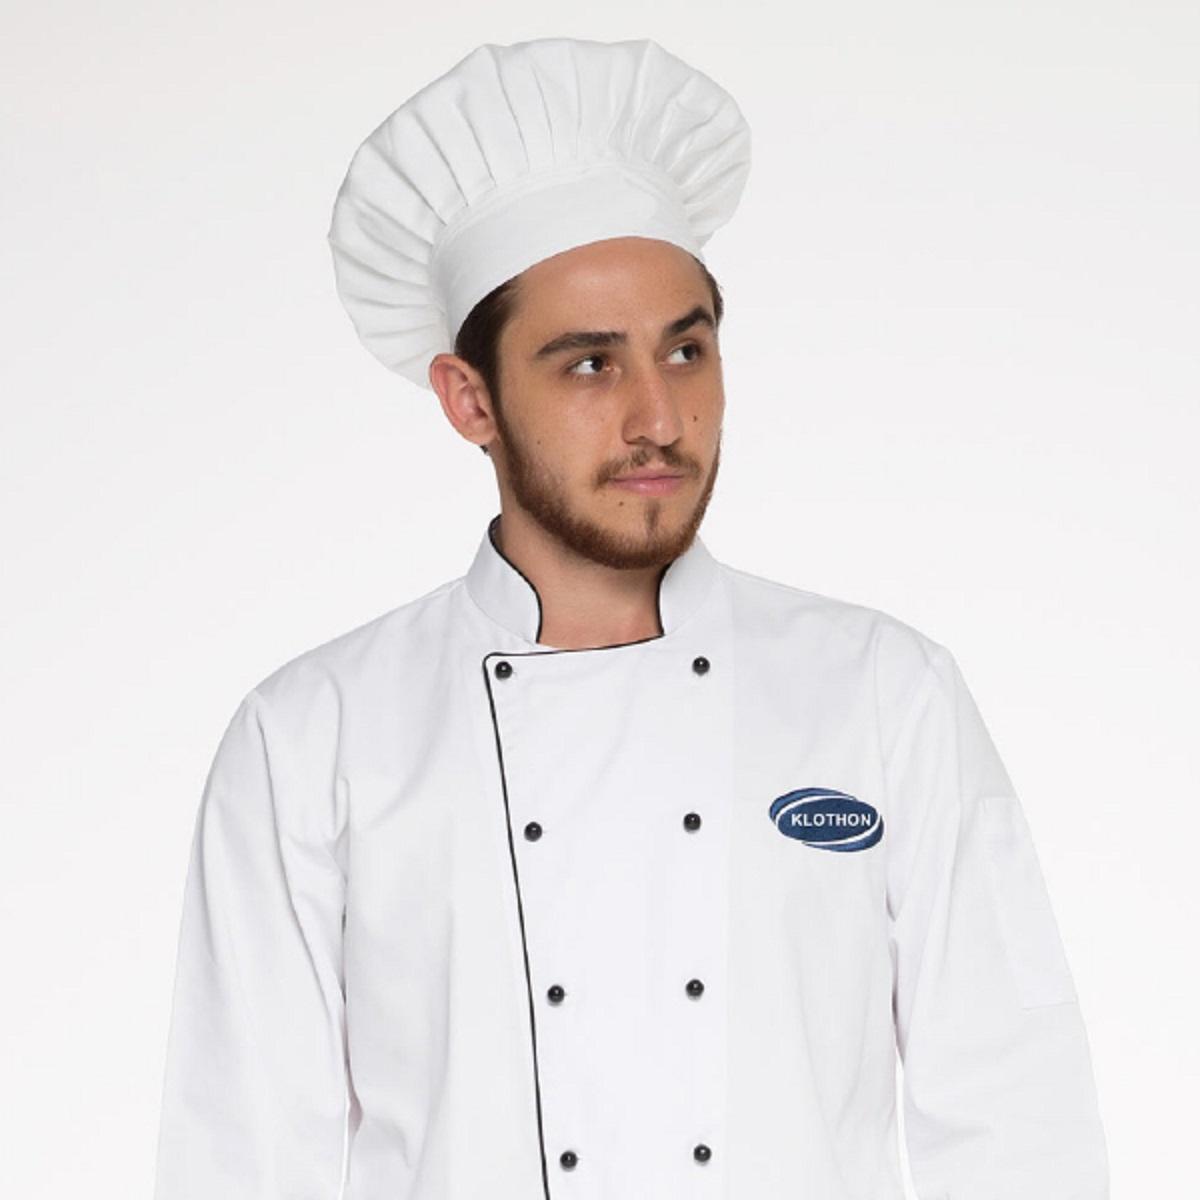 Những mẫu đồng phục nhà hàng mới nhất hiện nay